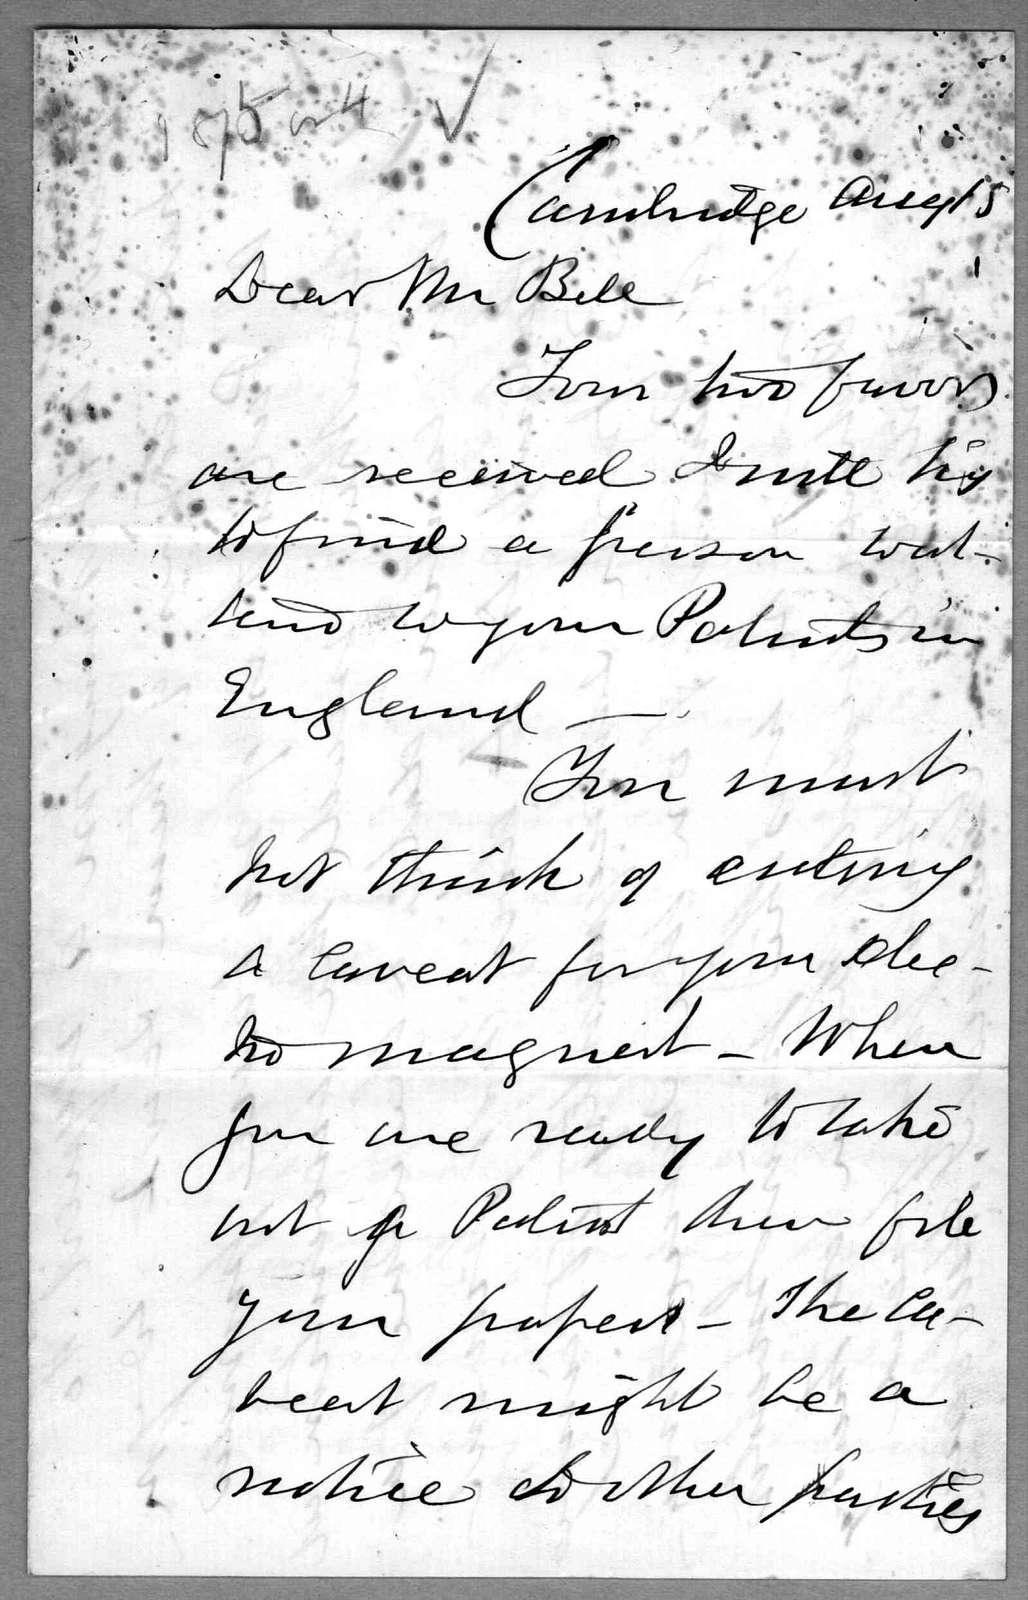 Letter from Gardiner Greene Hubbard to Alexander Graham Bell, August 15, 1874